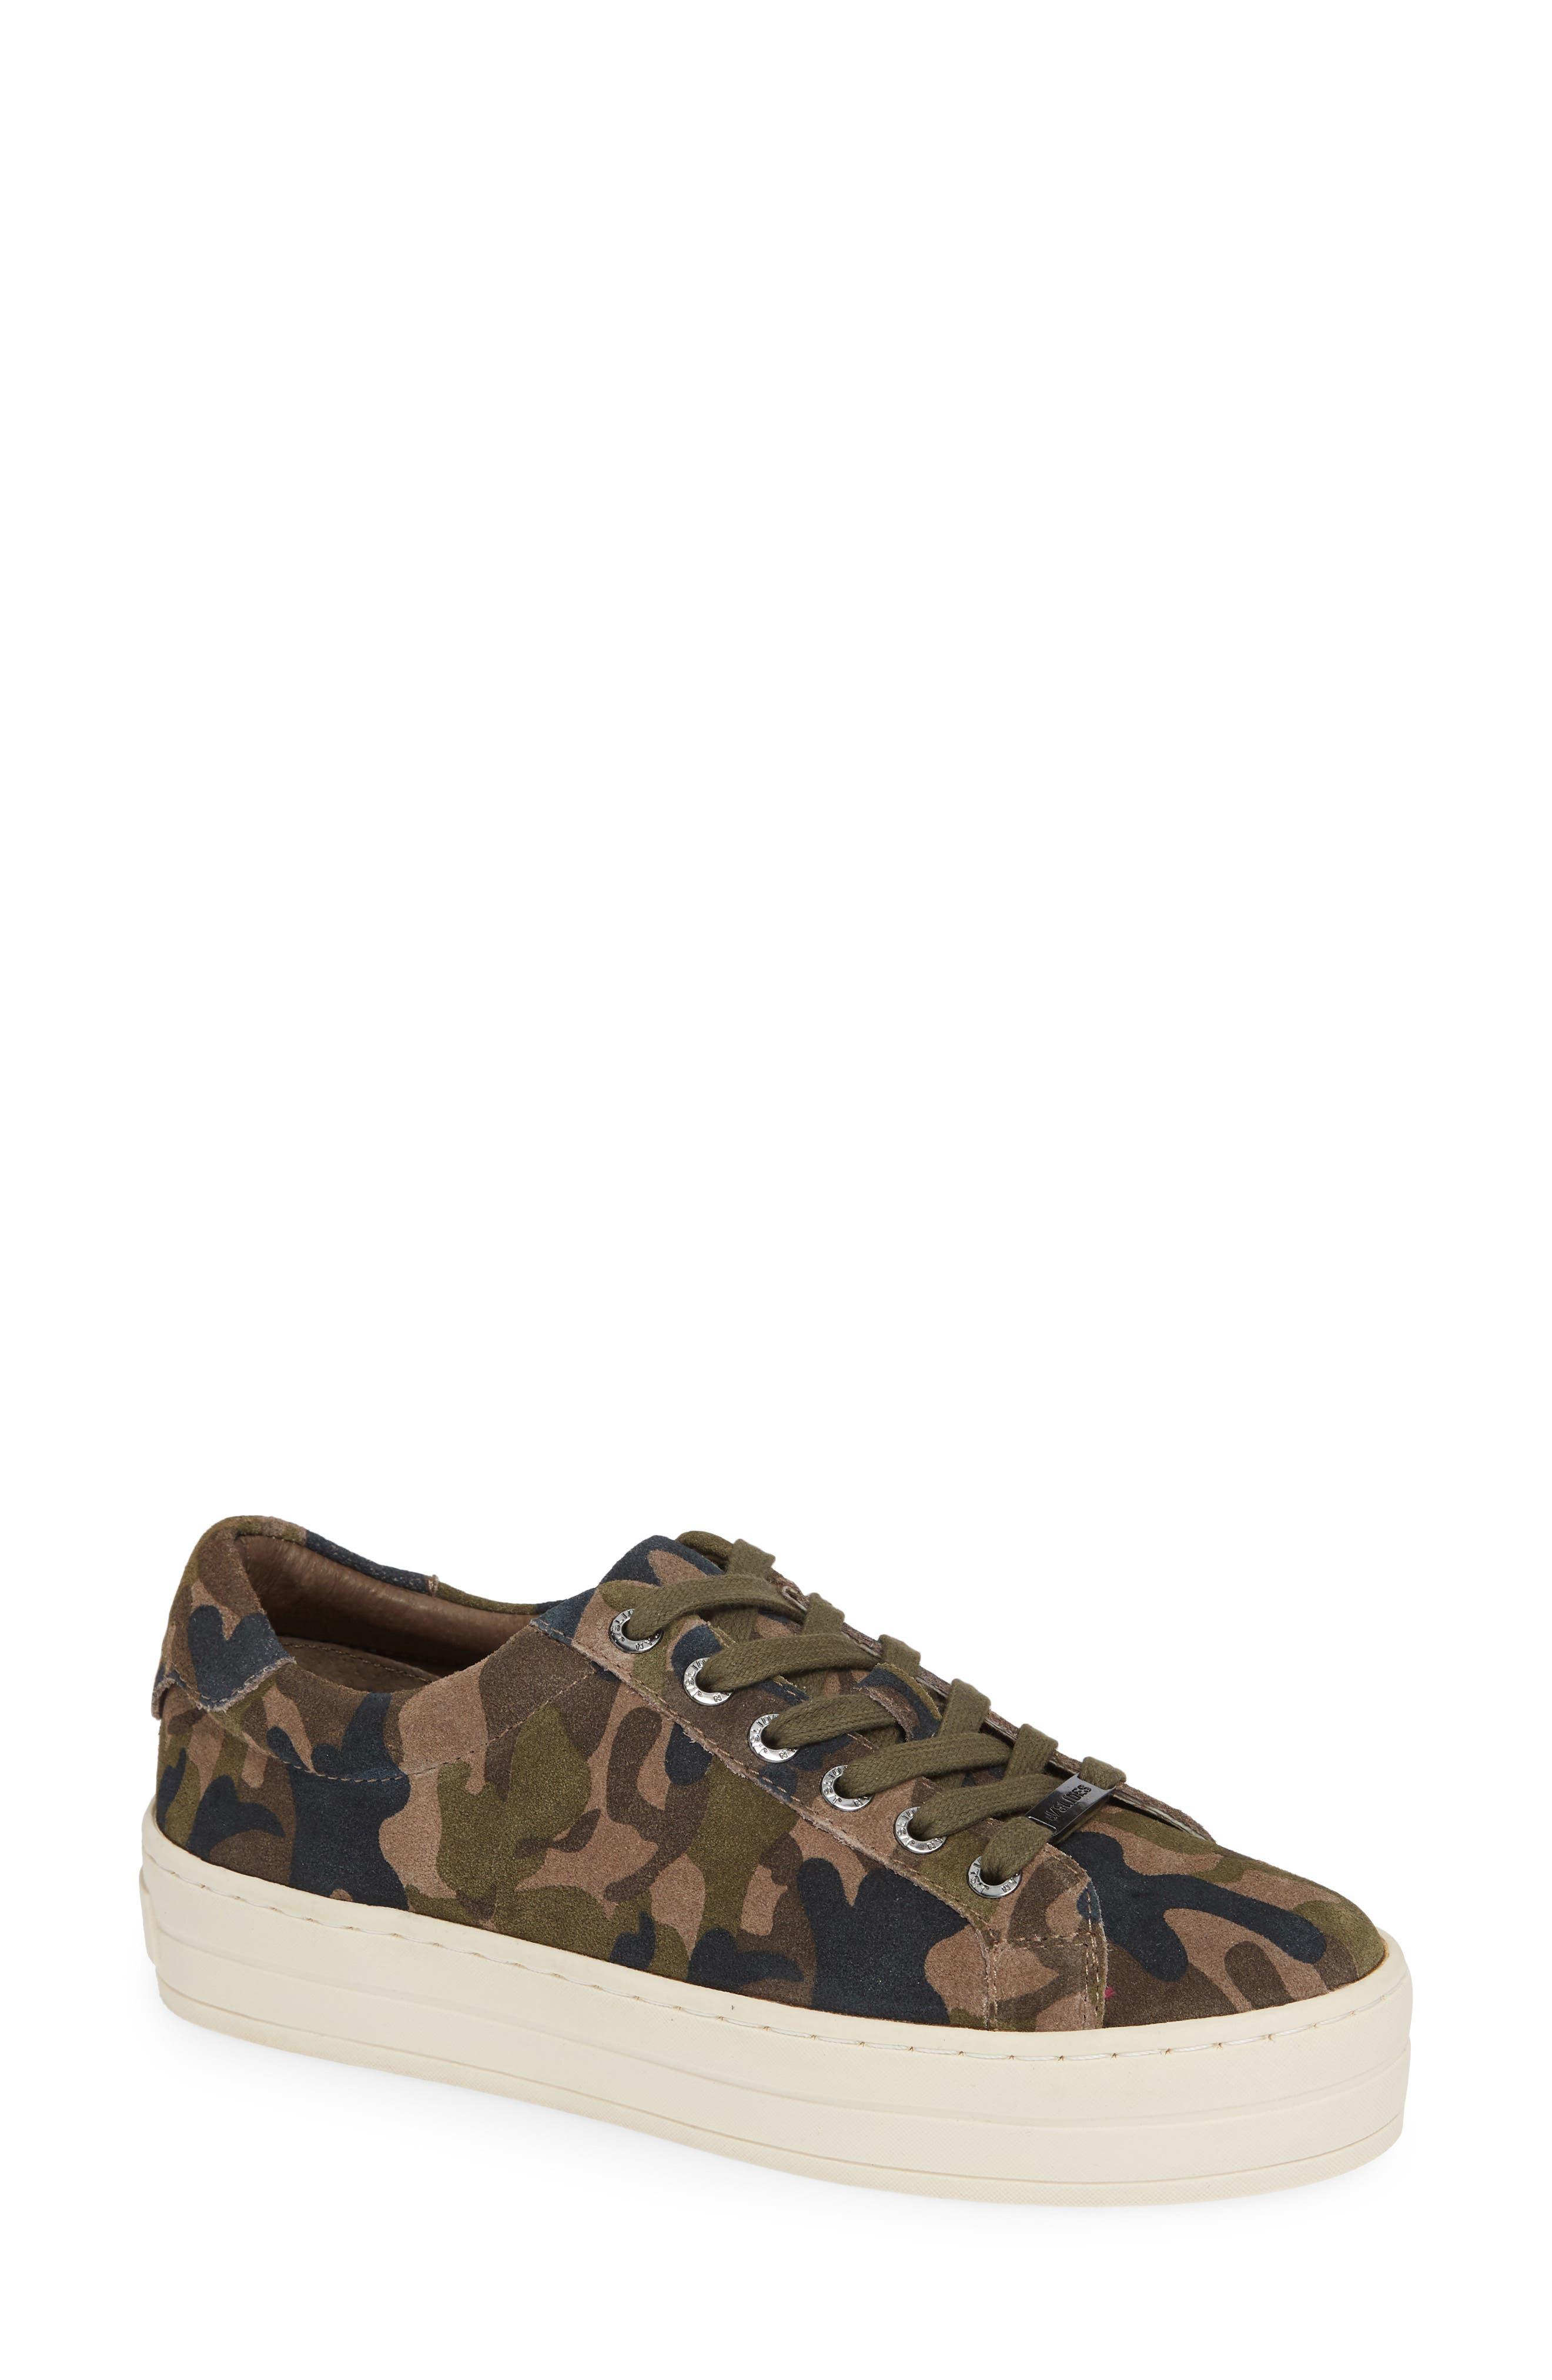 Jslides Hippie Platform Sneaker